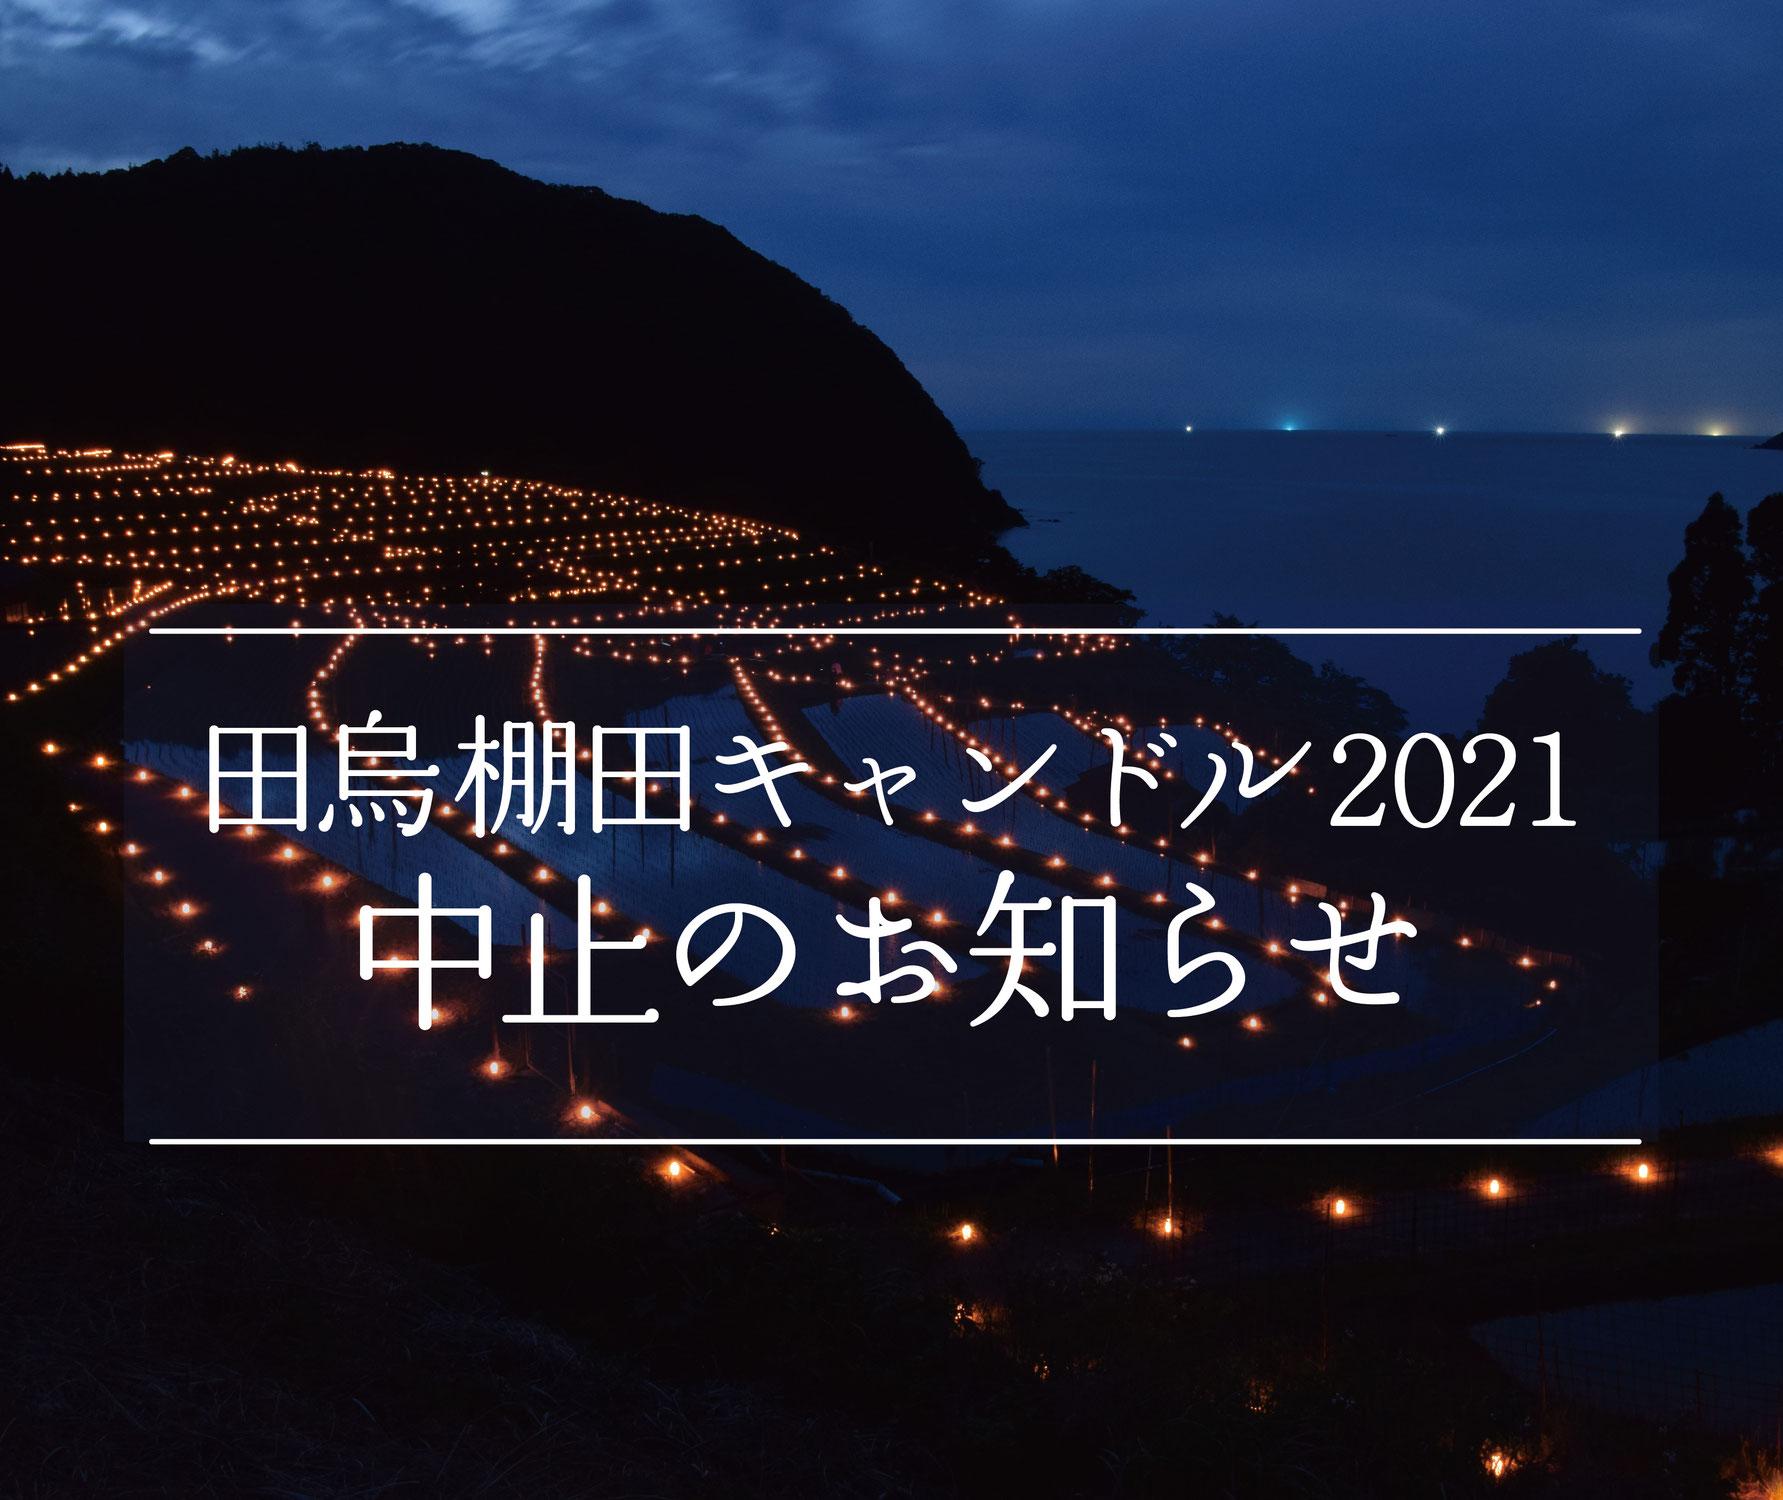 【中止のお知らせ】田烏棚田キャンドル2021